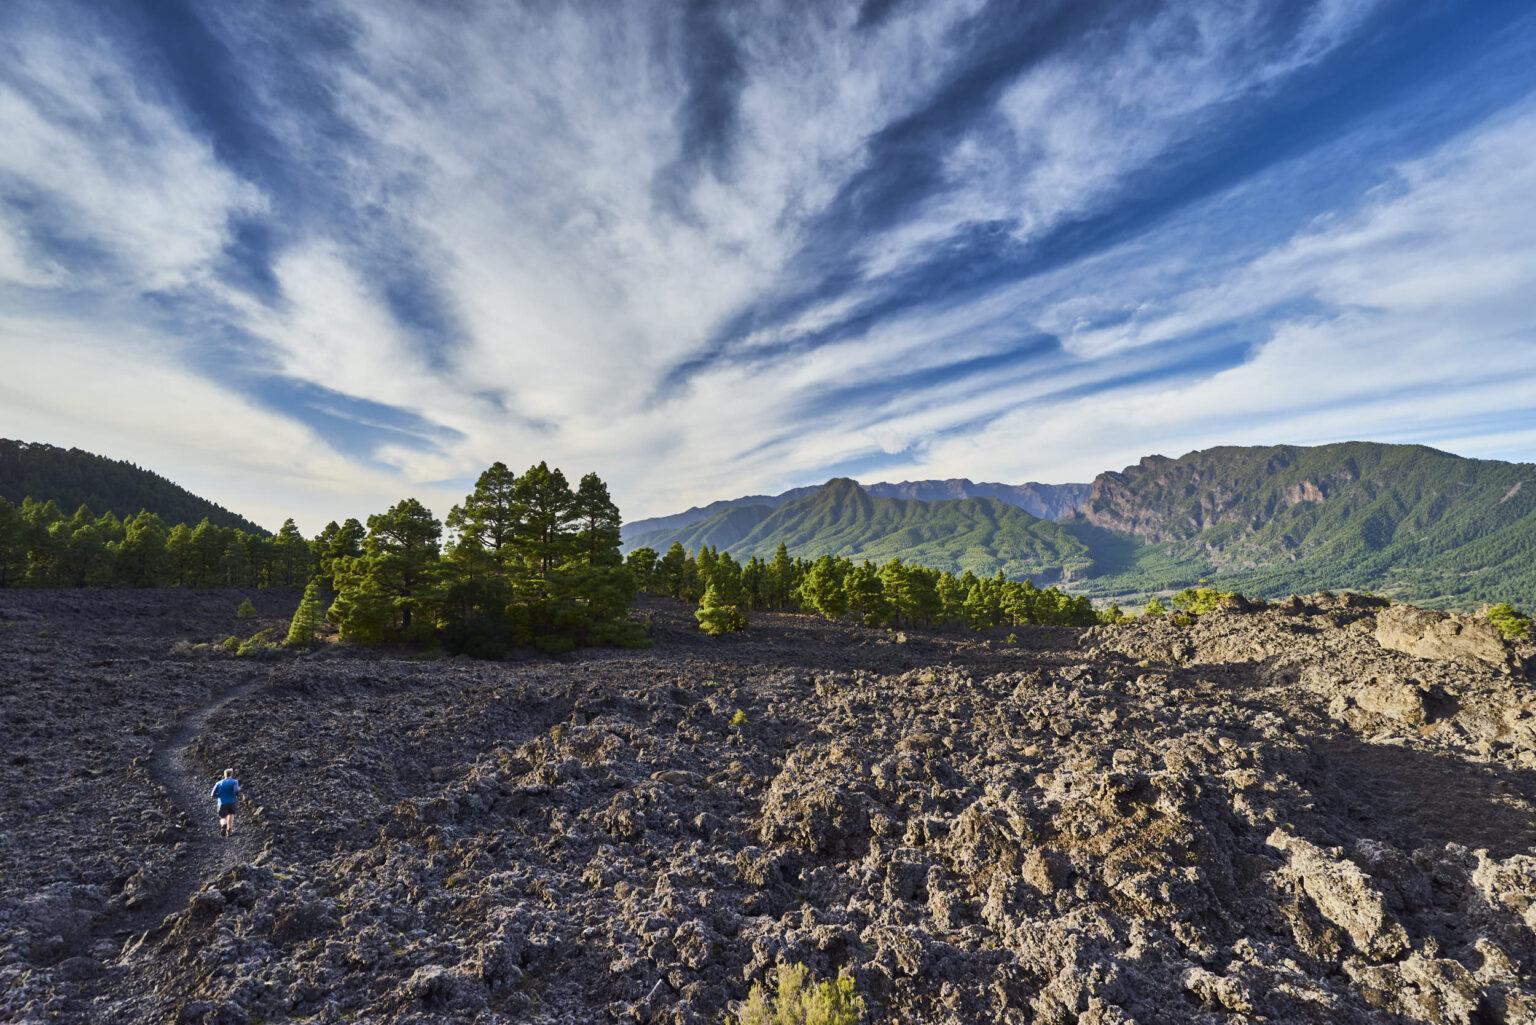 Trekking on lava fields in La Palma